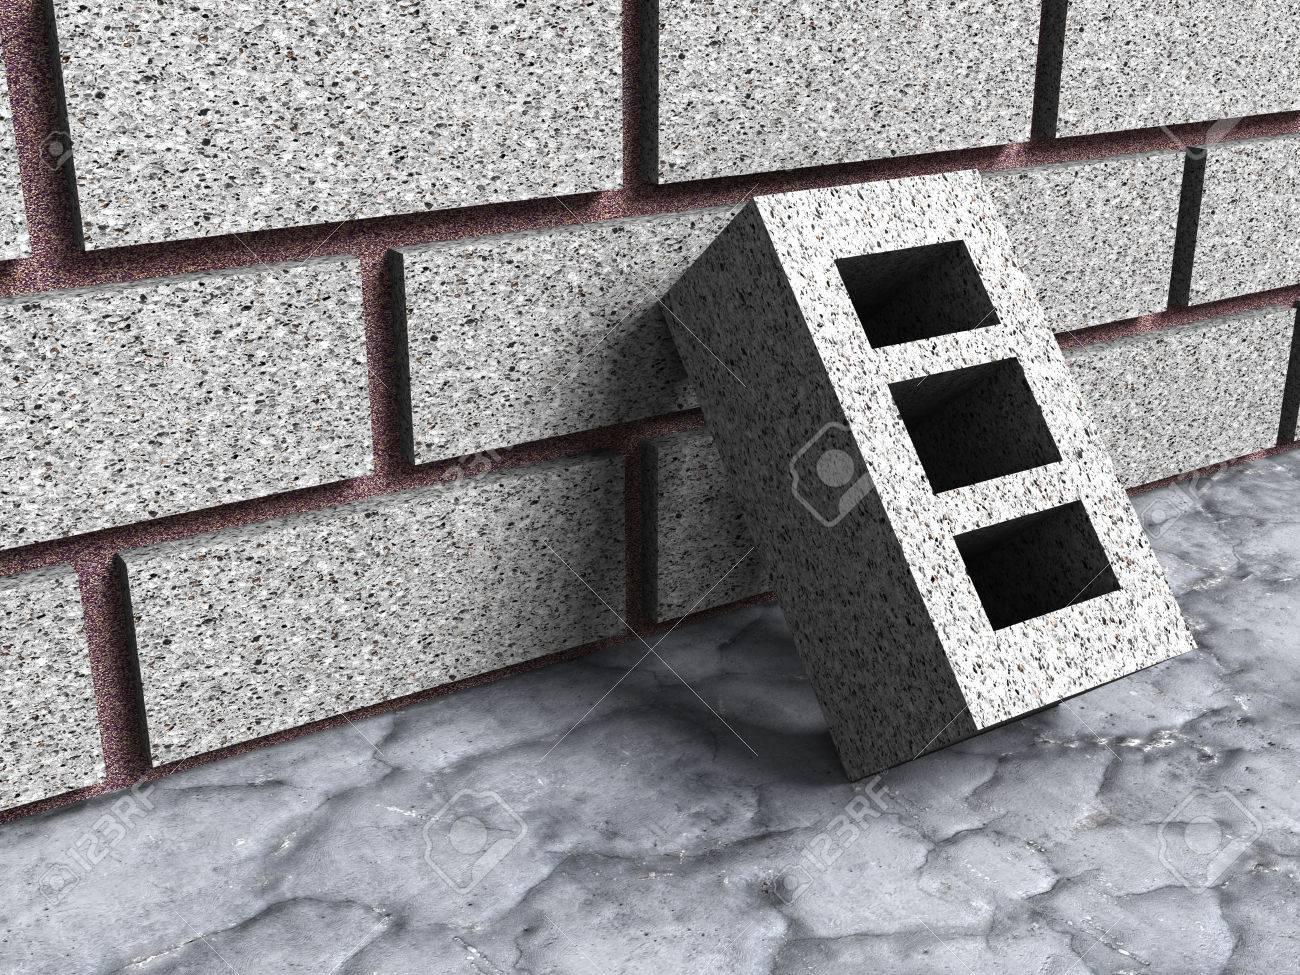 Construccion De Edificios De Ladrillo De Hormigon Con La Pared 3d - Ladrillo-de-hormigon